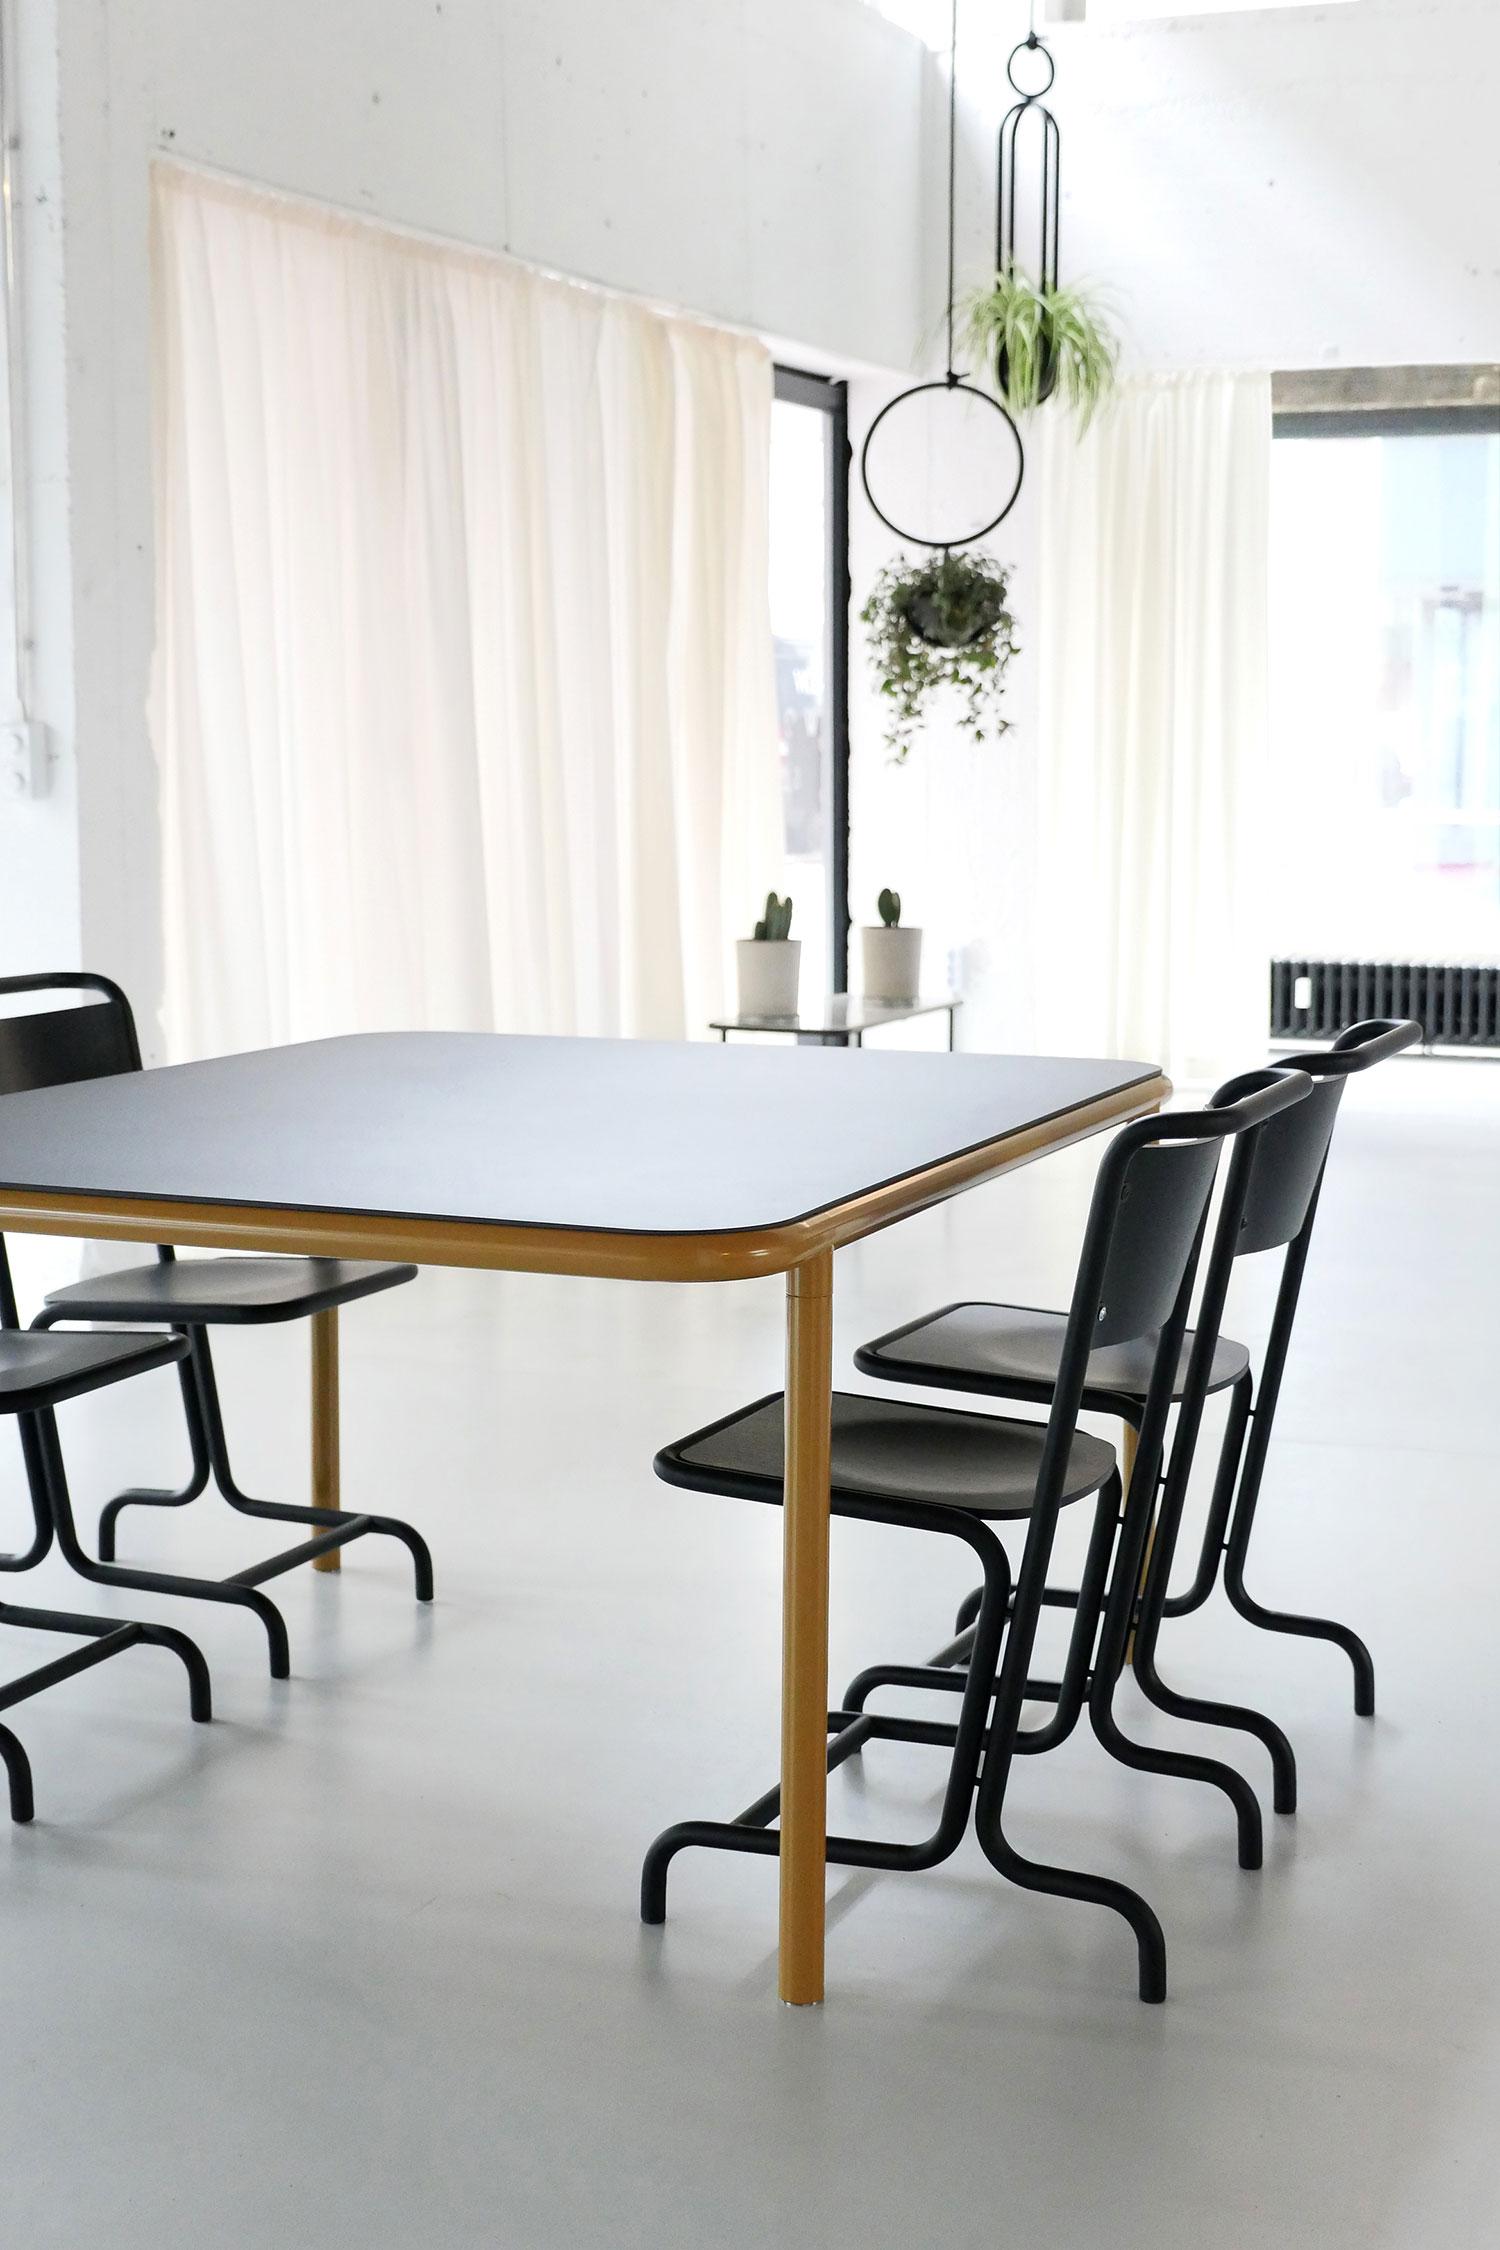 Laszlo-Stuhl-Bologna-Tisch-Atelier-Haussmann-300dpi-10-web.jpg